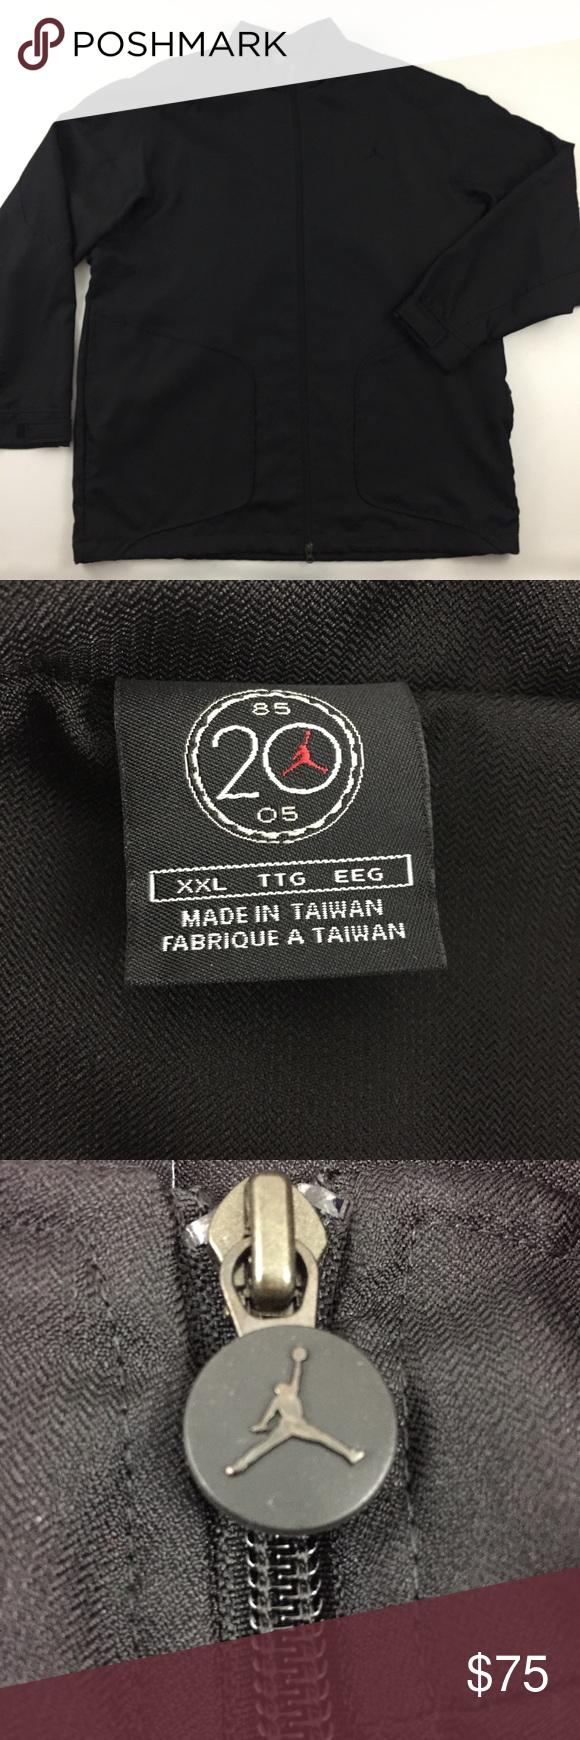 e2a82e4650d 2005 Nike Air Jordan 20th Anniversary Jacket. O6 2005 Nike Air Jordan 20th  Anniversary Jacket